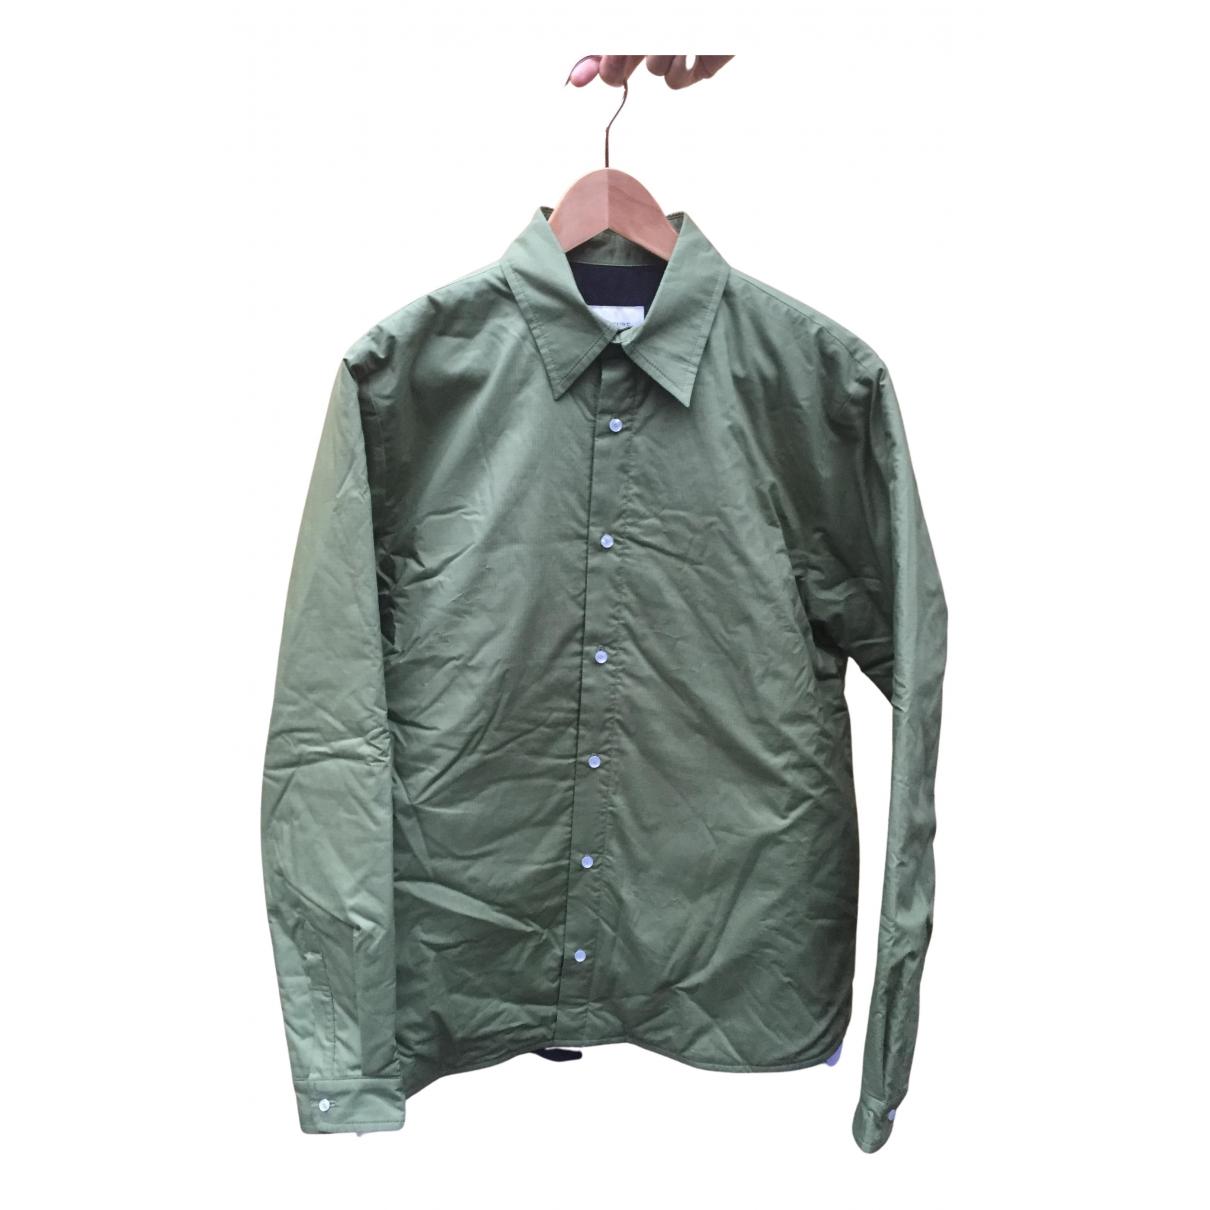 Non Signé / Unsigned N Green Cotton Shirts for Men 39 EU (tour de cou / collar)